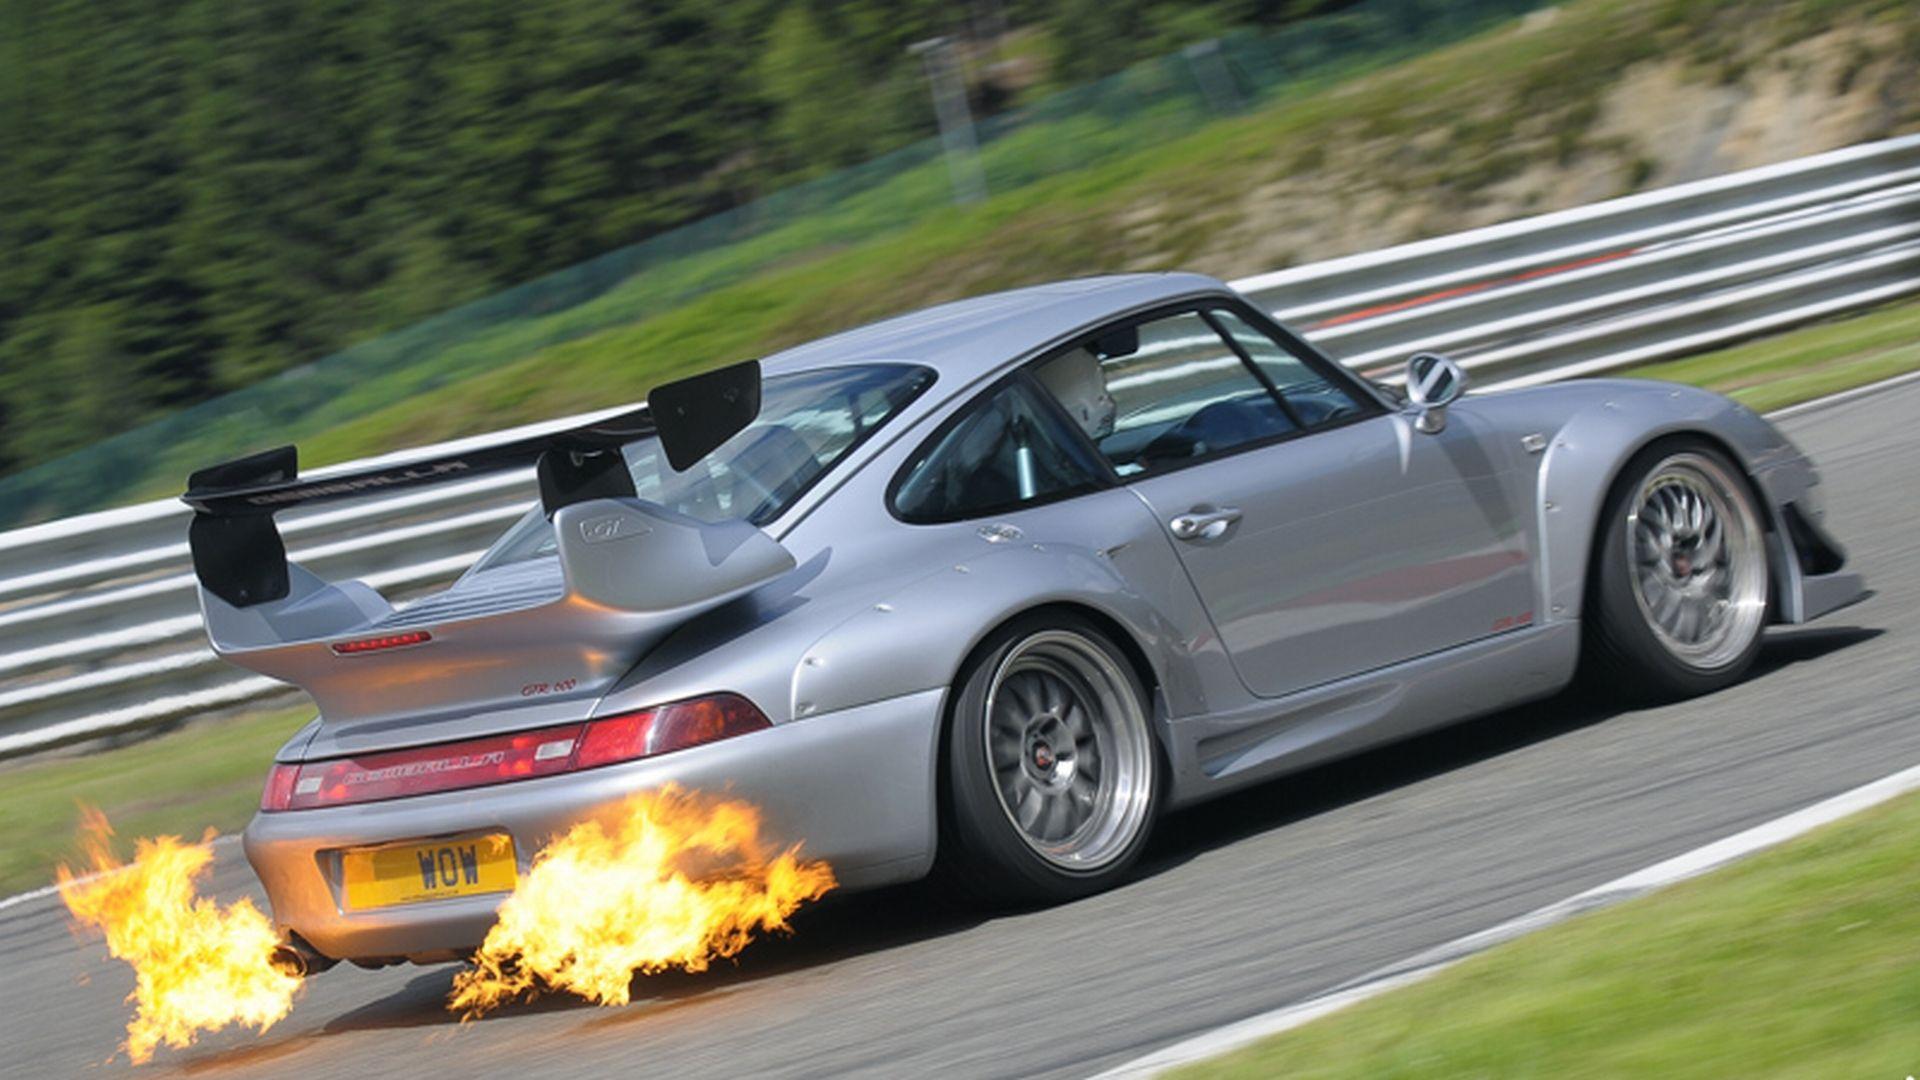 Porsche 993 Fire Speed Vehicles Wallpapers Porsche Porsche 993 Porsche Cars